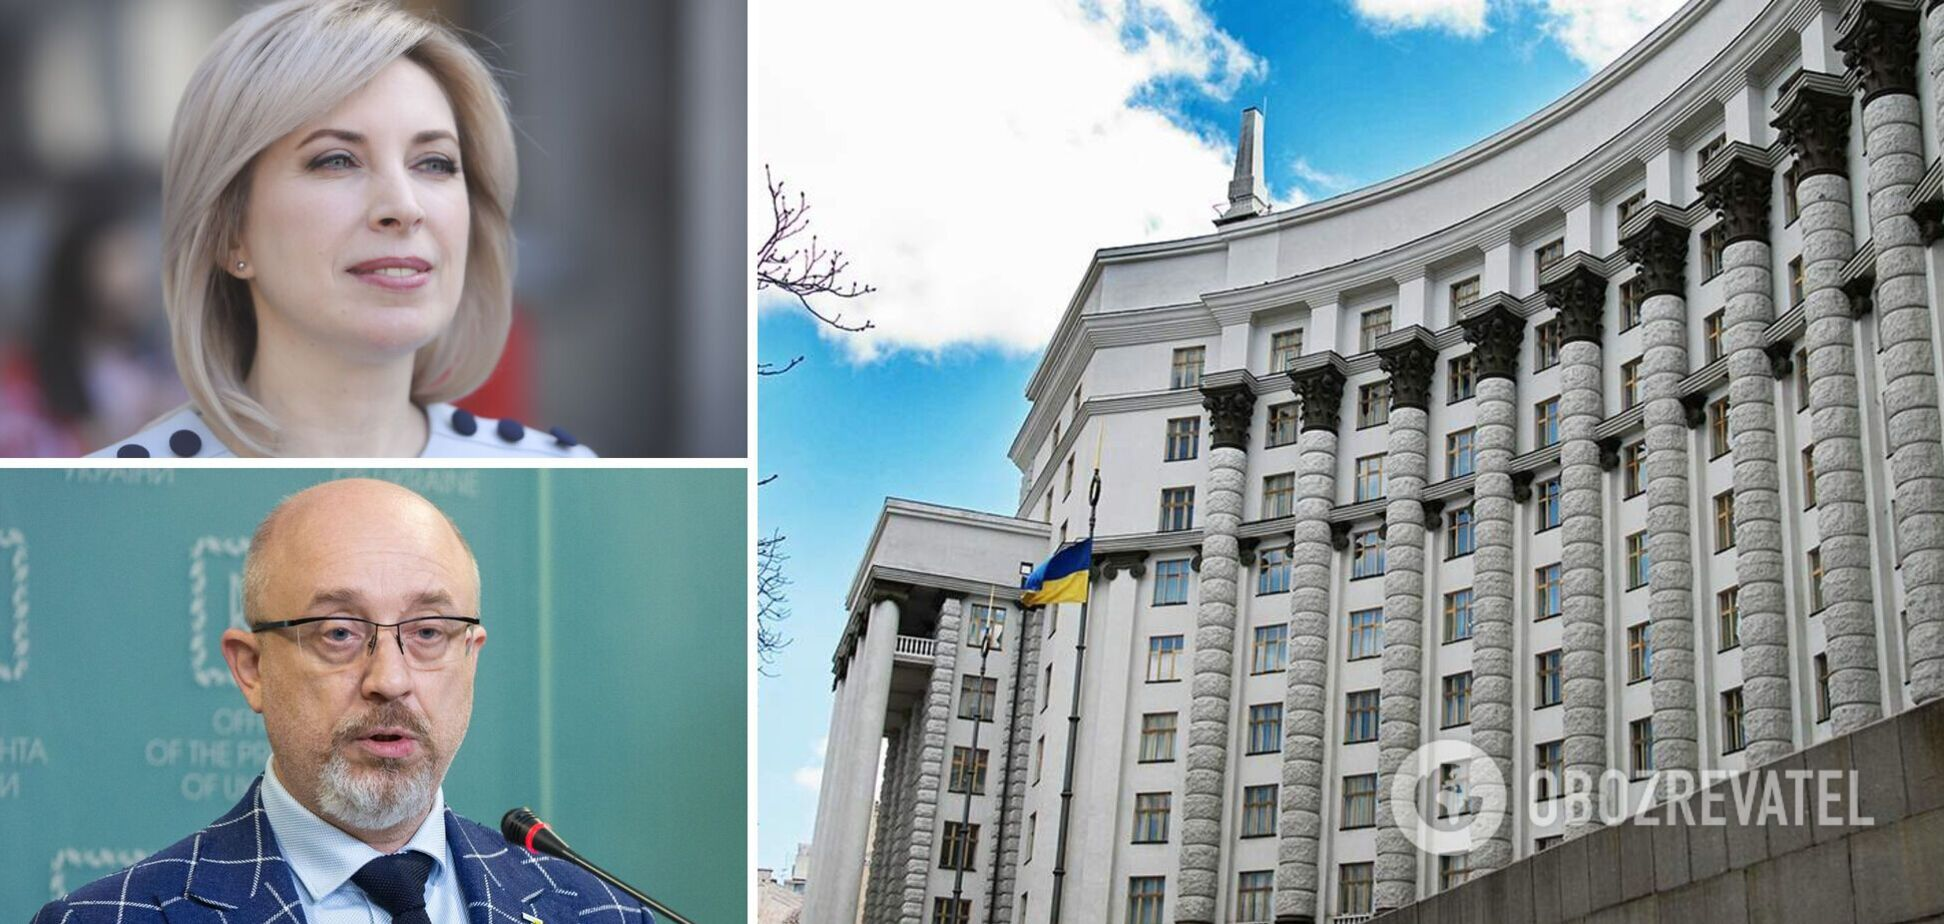 'Слуга народа' планирует перестановки в правительстве: кому из министров готовят отставку